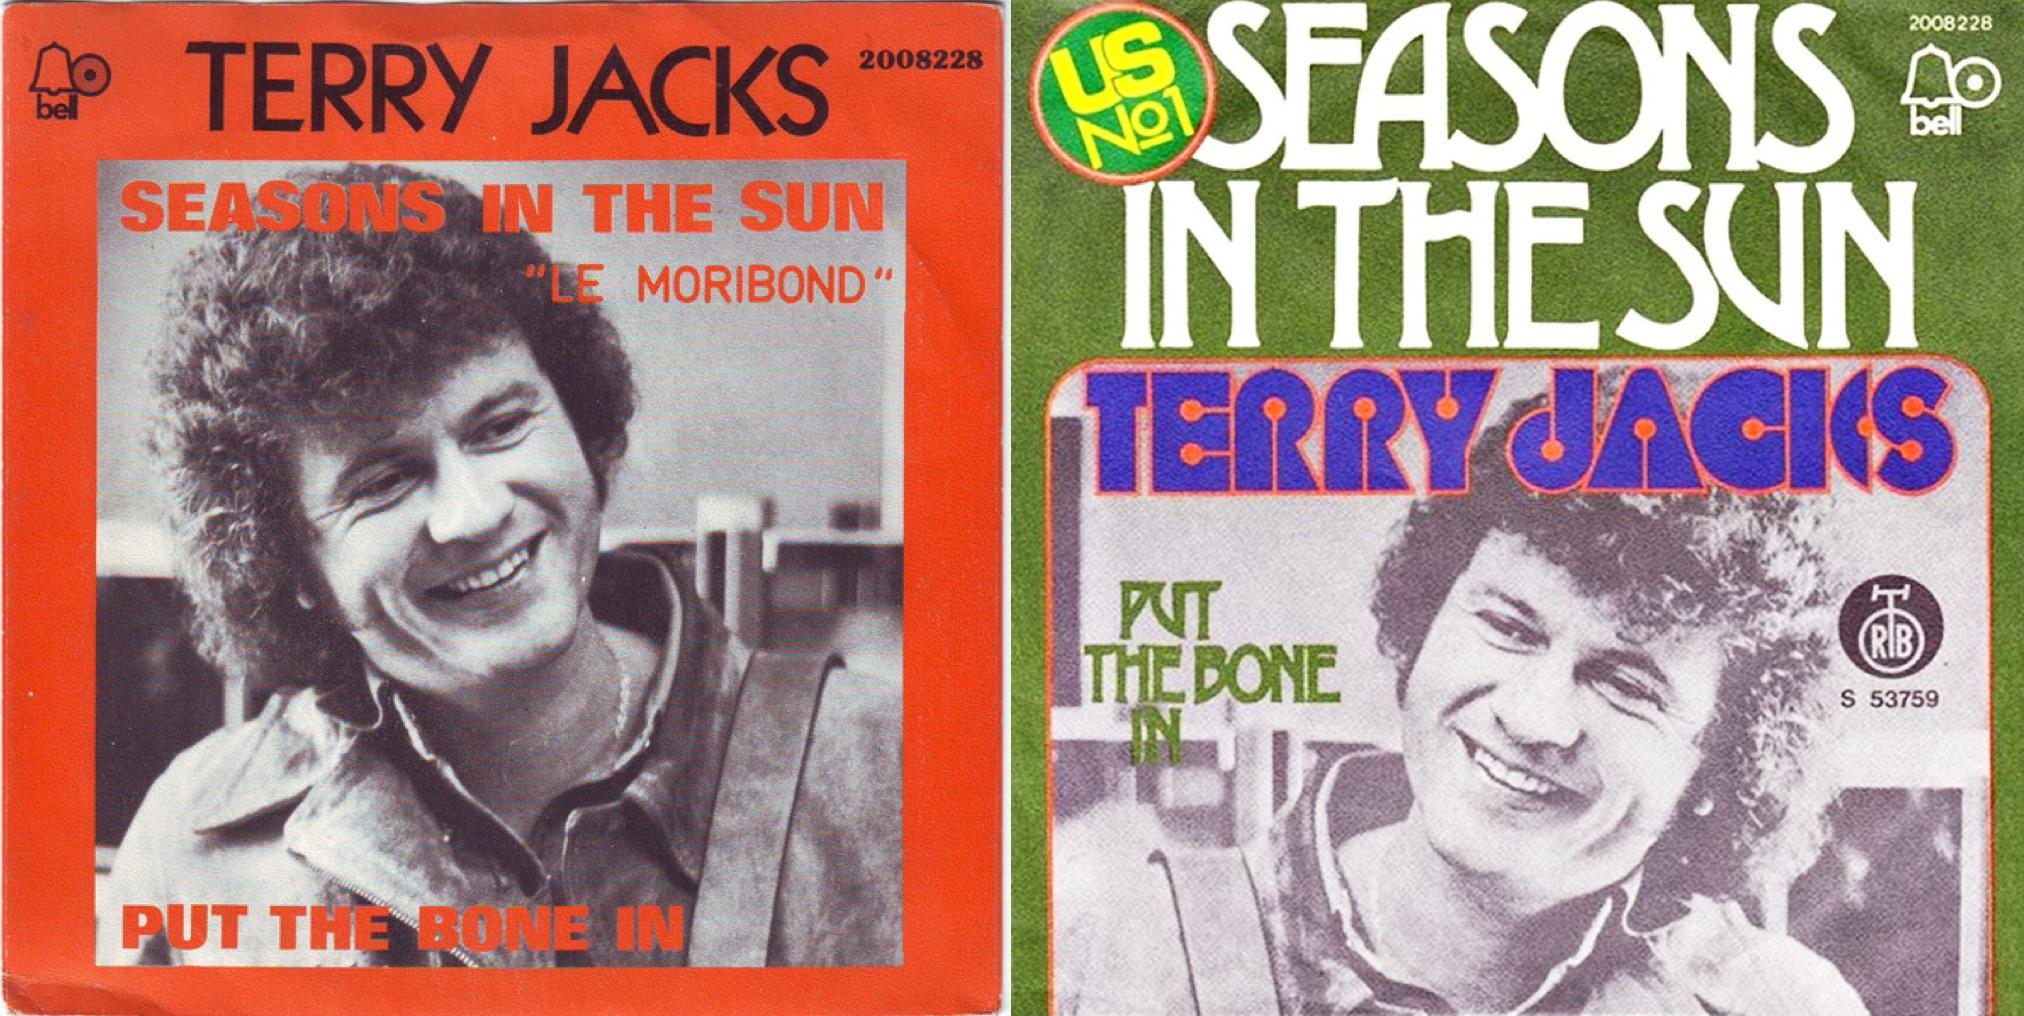 """Discos sencillos de """"Seasons in the Sun"""", de 1973."""